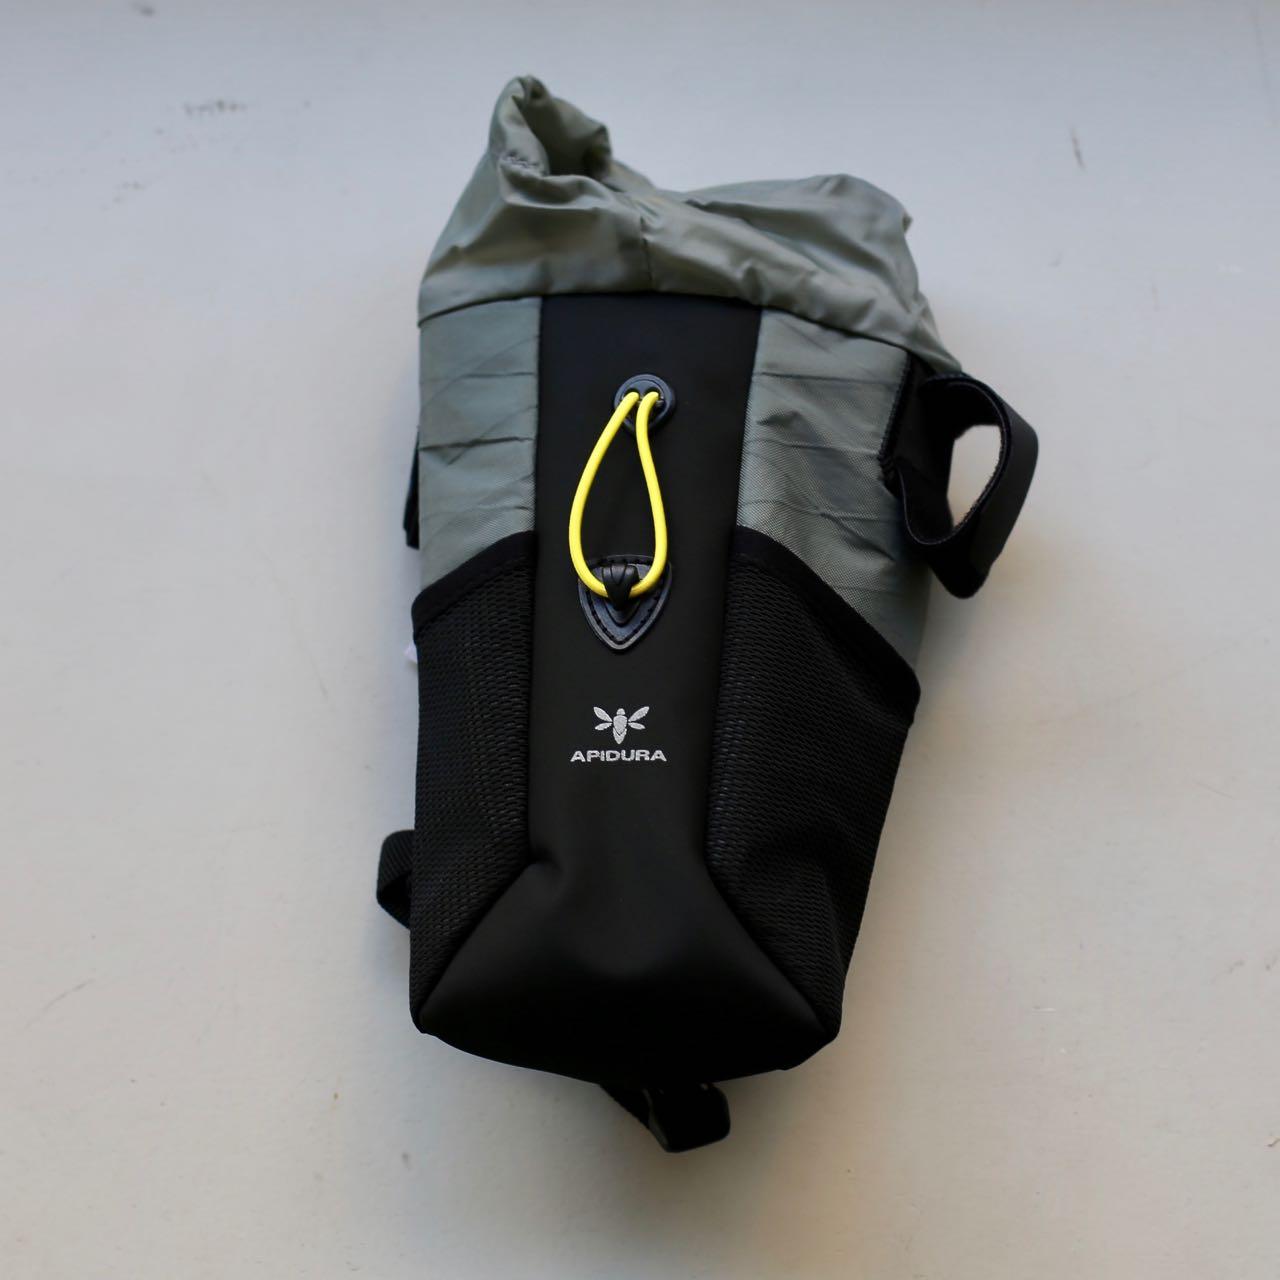 【1.2L】メッシュポケット付き フードポーチプラス ラージ APIDURA/アピデュラ